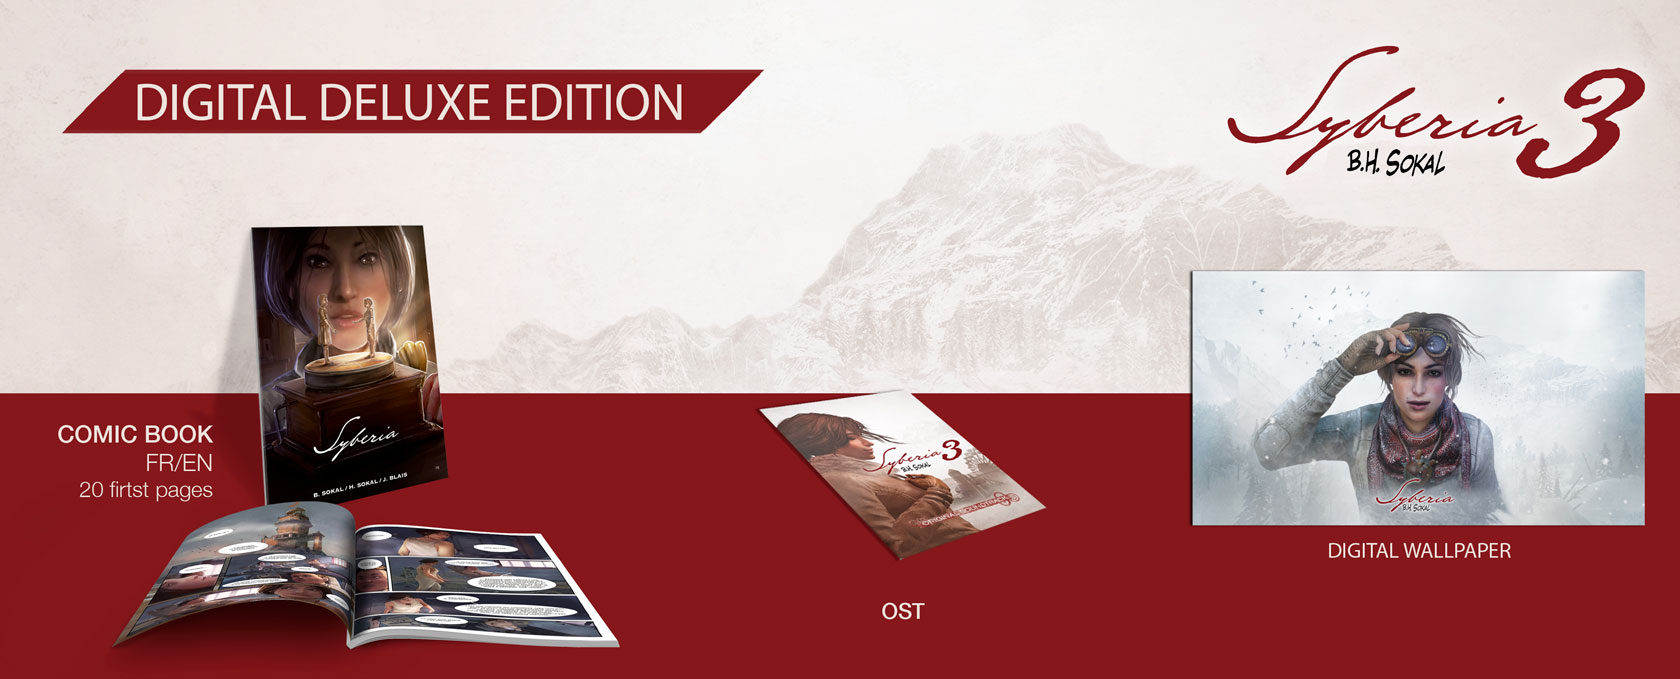 Сибирь 3 Deluxe издание